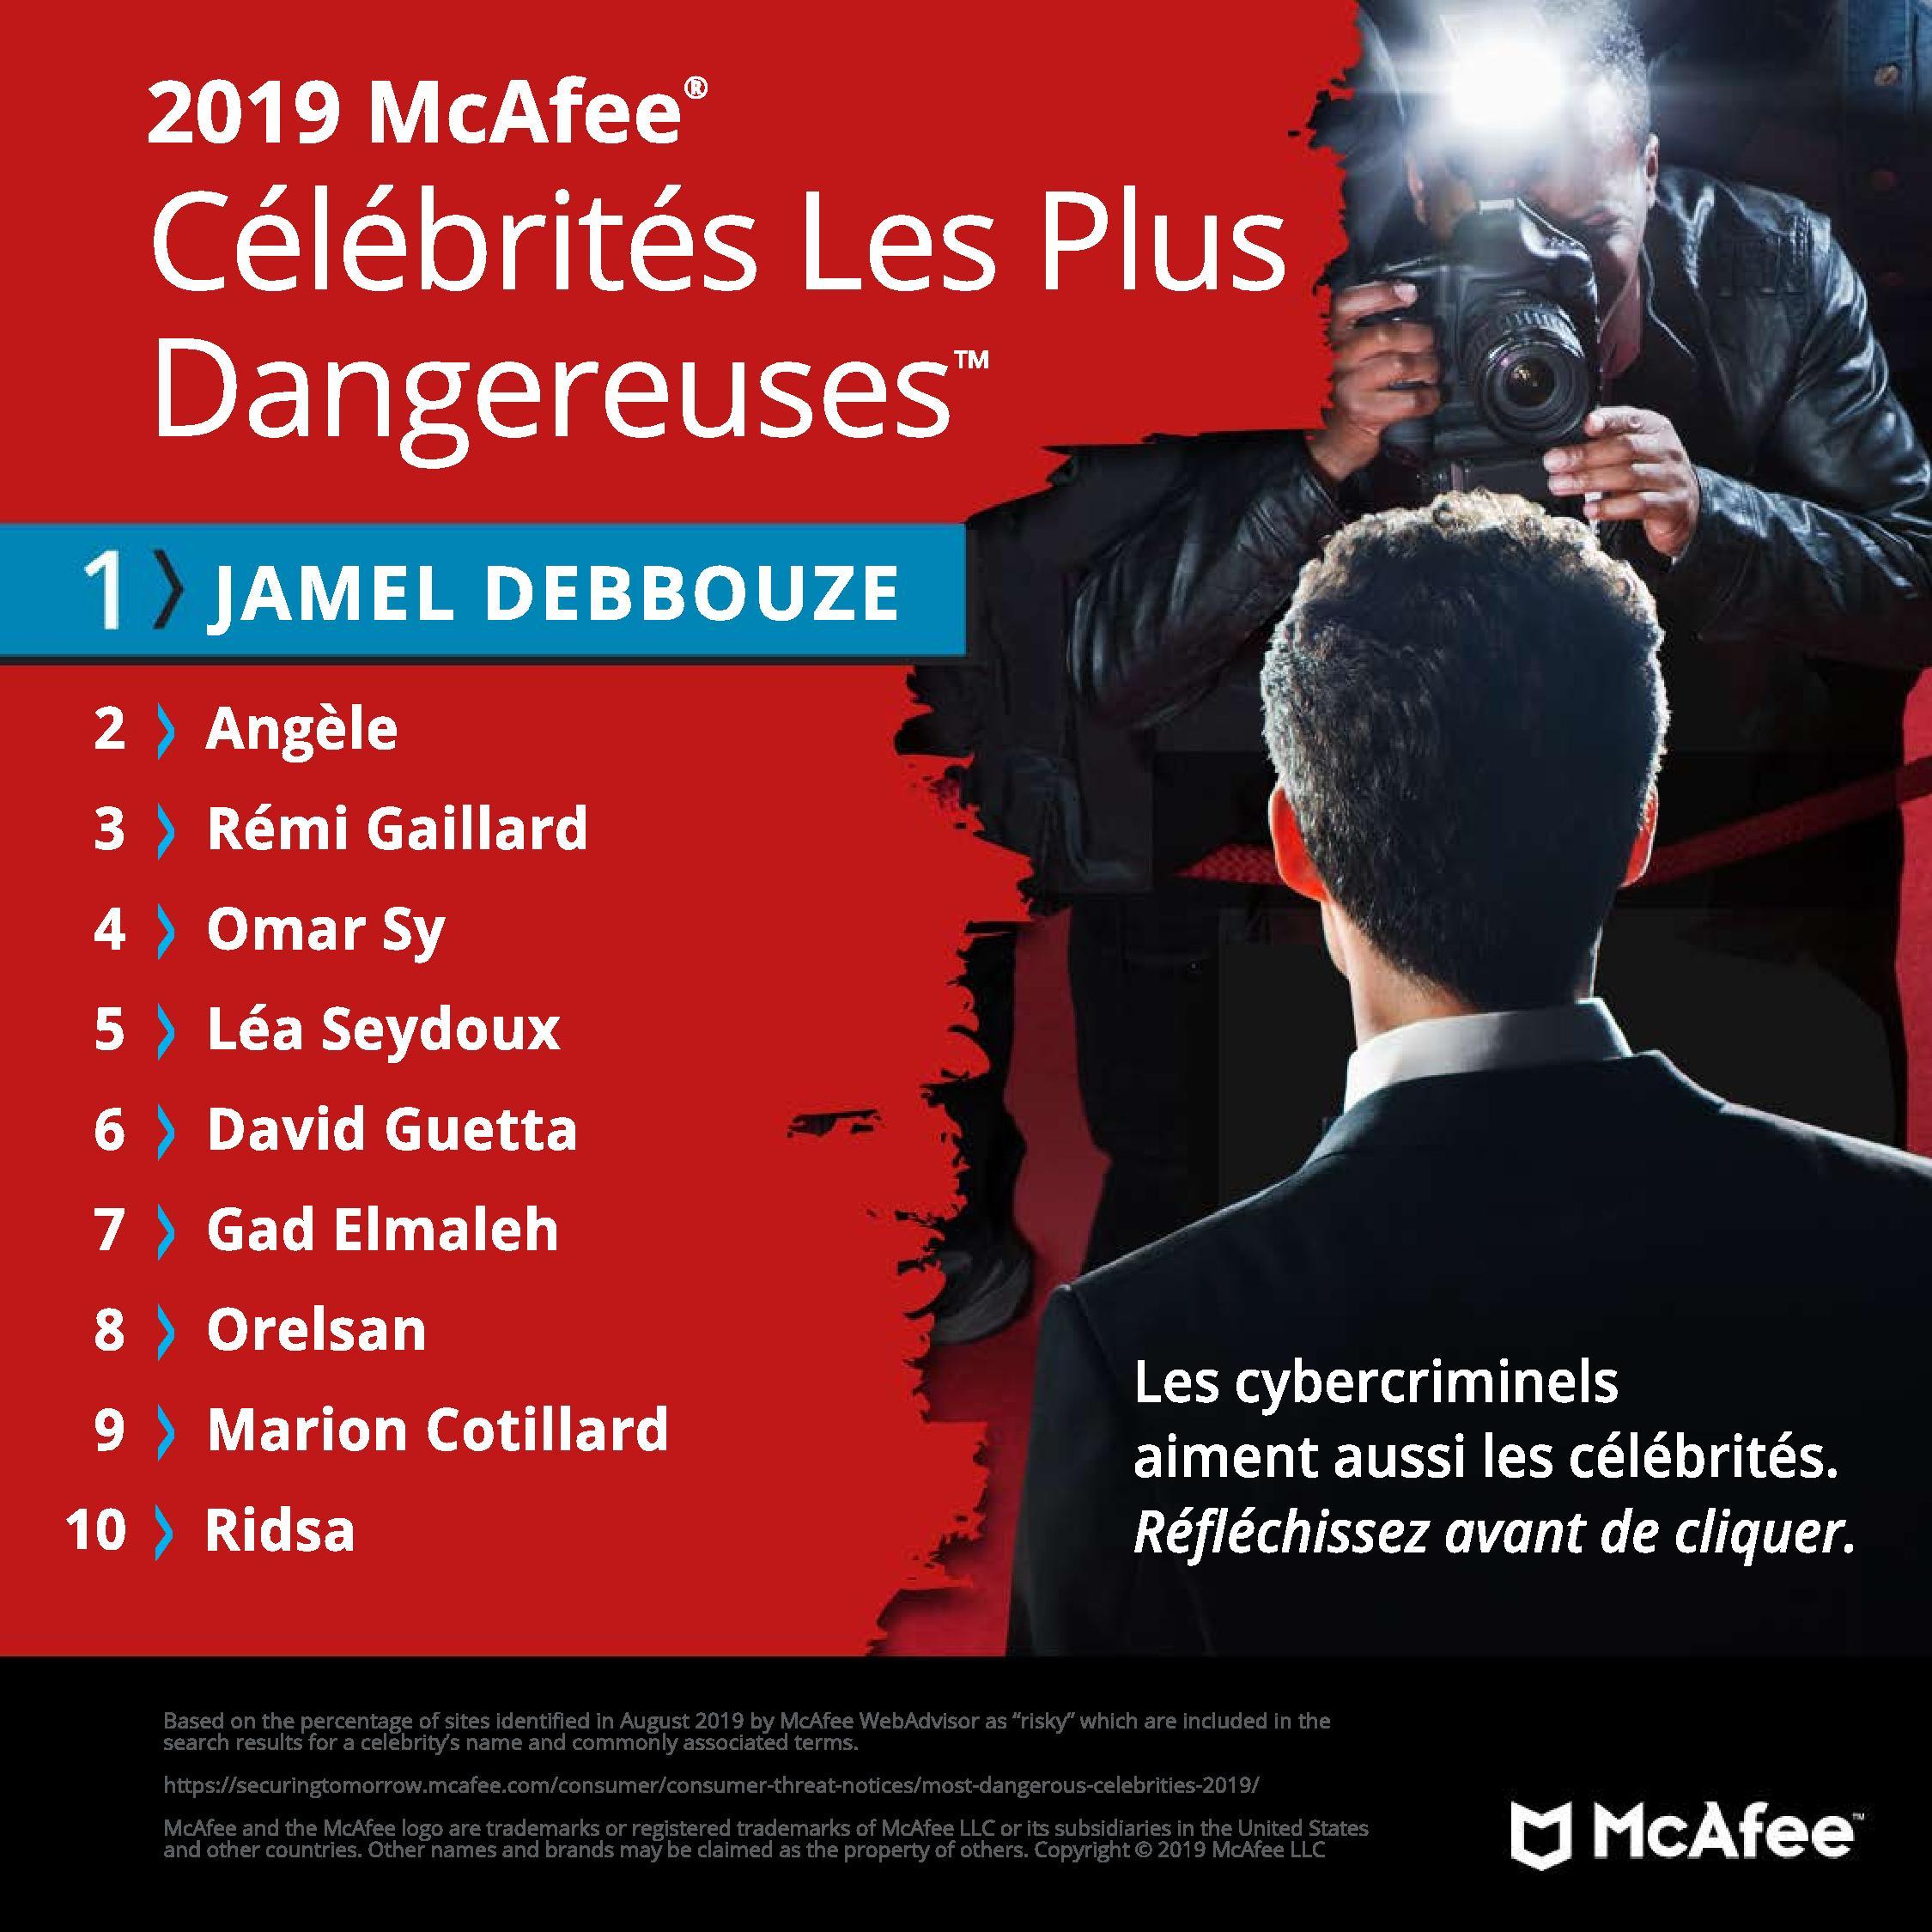 People et cybersécurité : classement McAfee 2019 des célébrités les plus dangereuses Infographie_McAfee